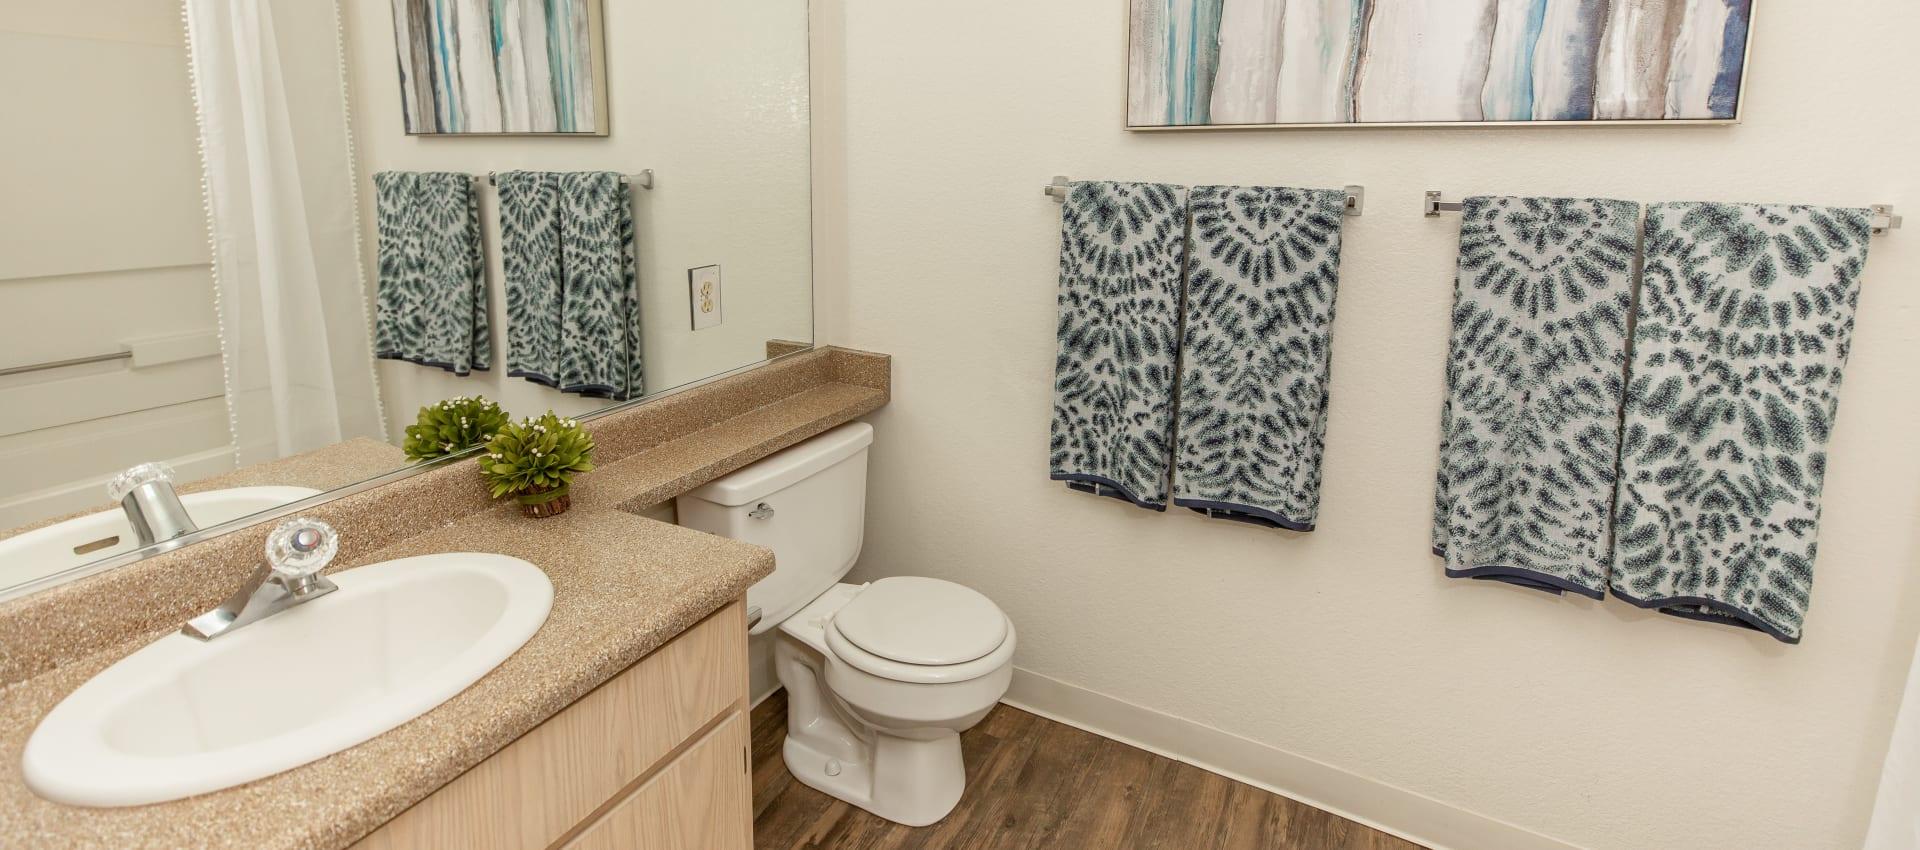 Bathroom at Shaliko in Rocklin, California.